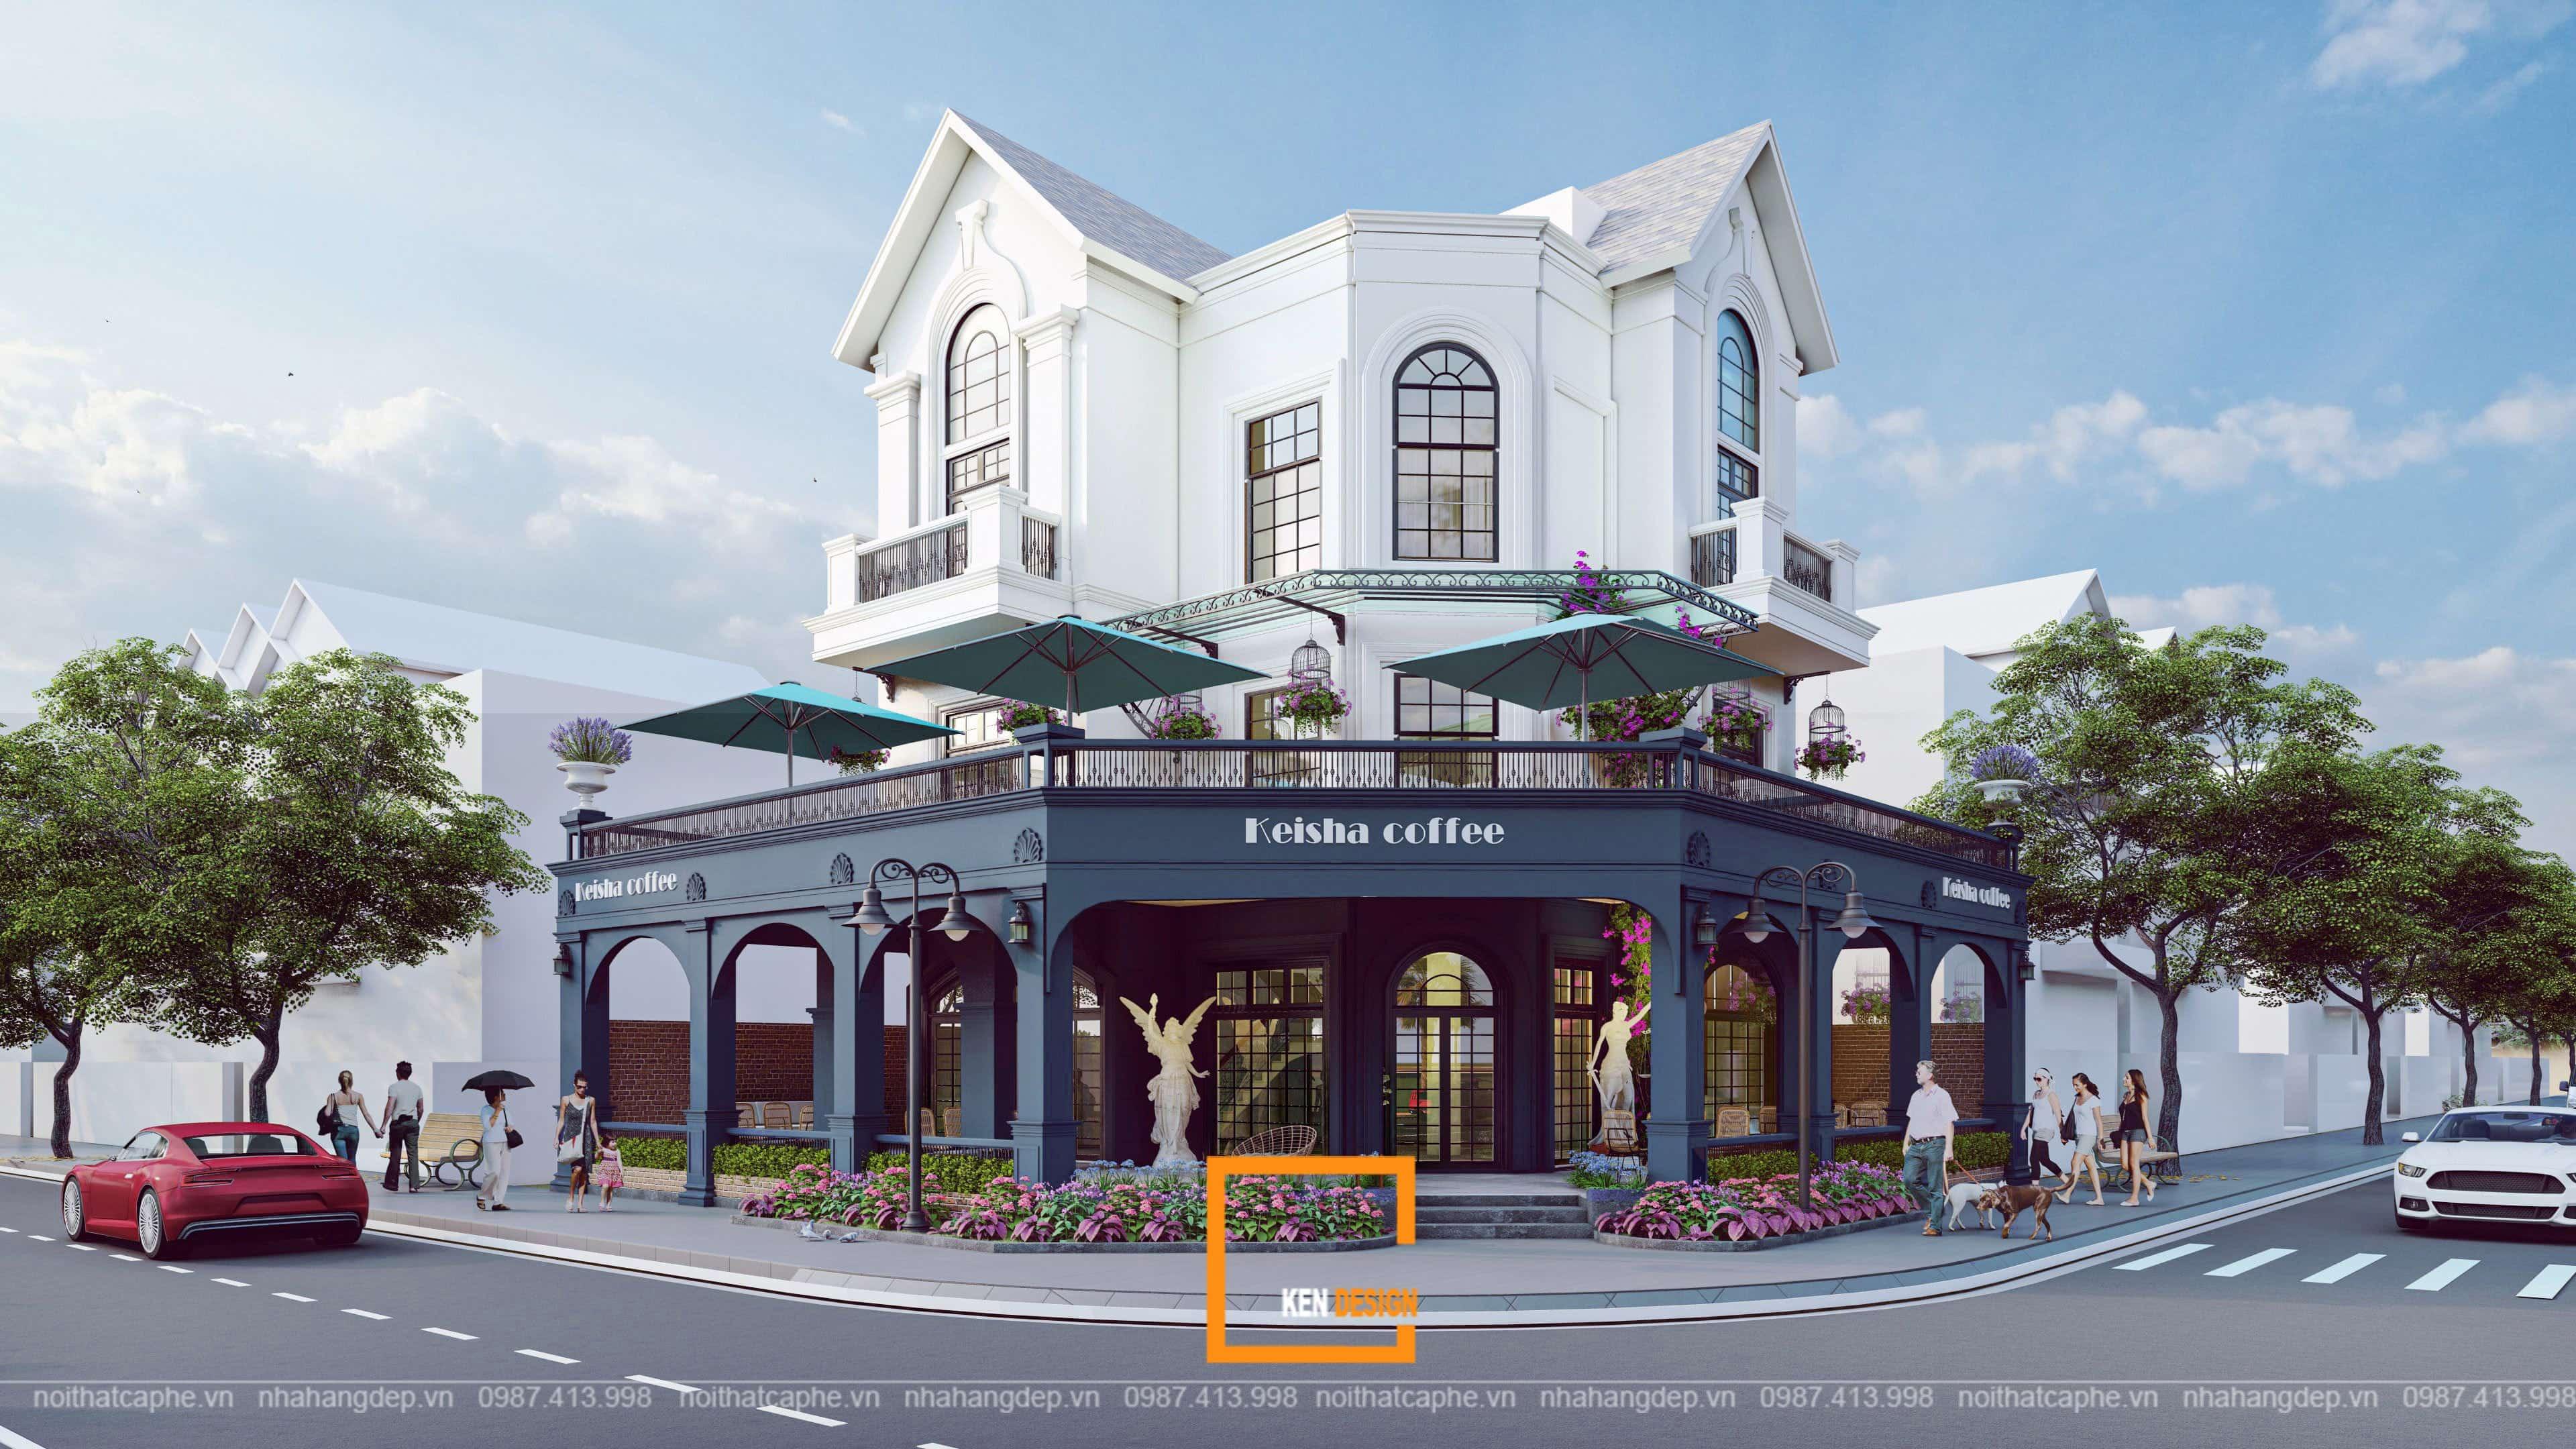 Thiết kế Cafe Phố Wall - một châu Âu giữa thành phố biển hồ